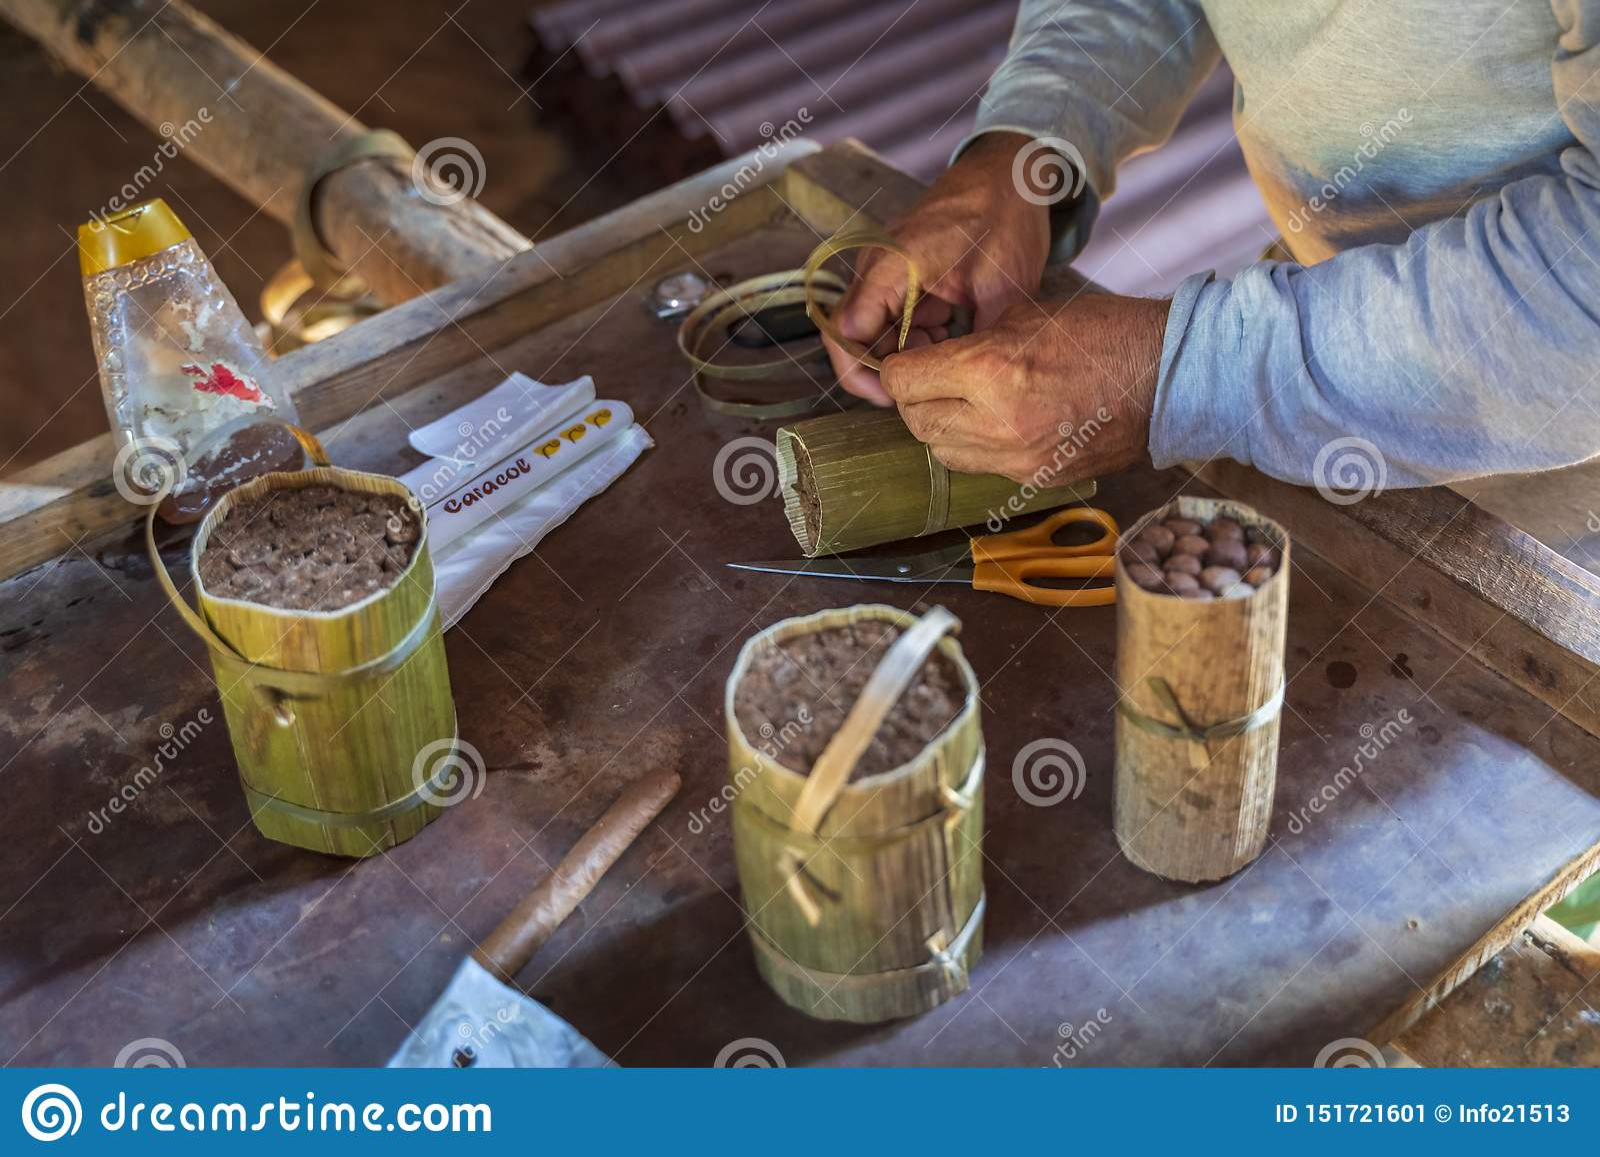 Préparation de cigare, Vinales, l UNESCO, Pinar del Rio Province, Cuba, les Antilles, les Caraïbe, Amérique Centrale